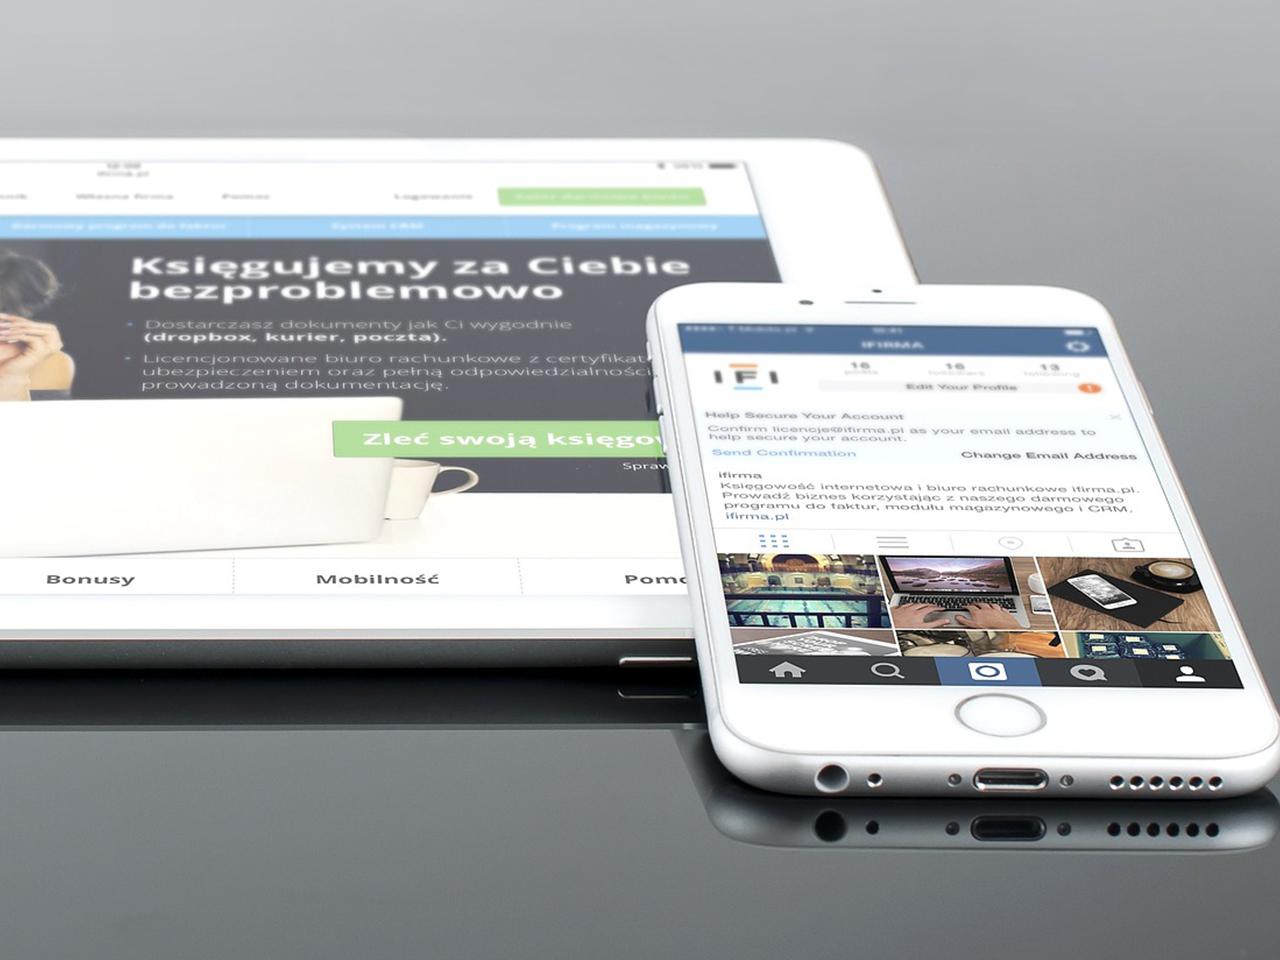 תמונת מכשירים ניידים - קידום במובייל וטאבלט - SEOUP